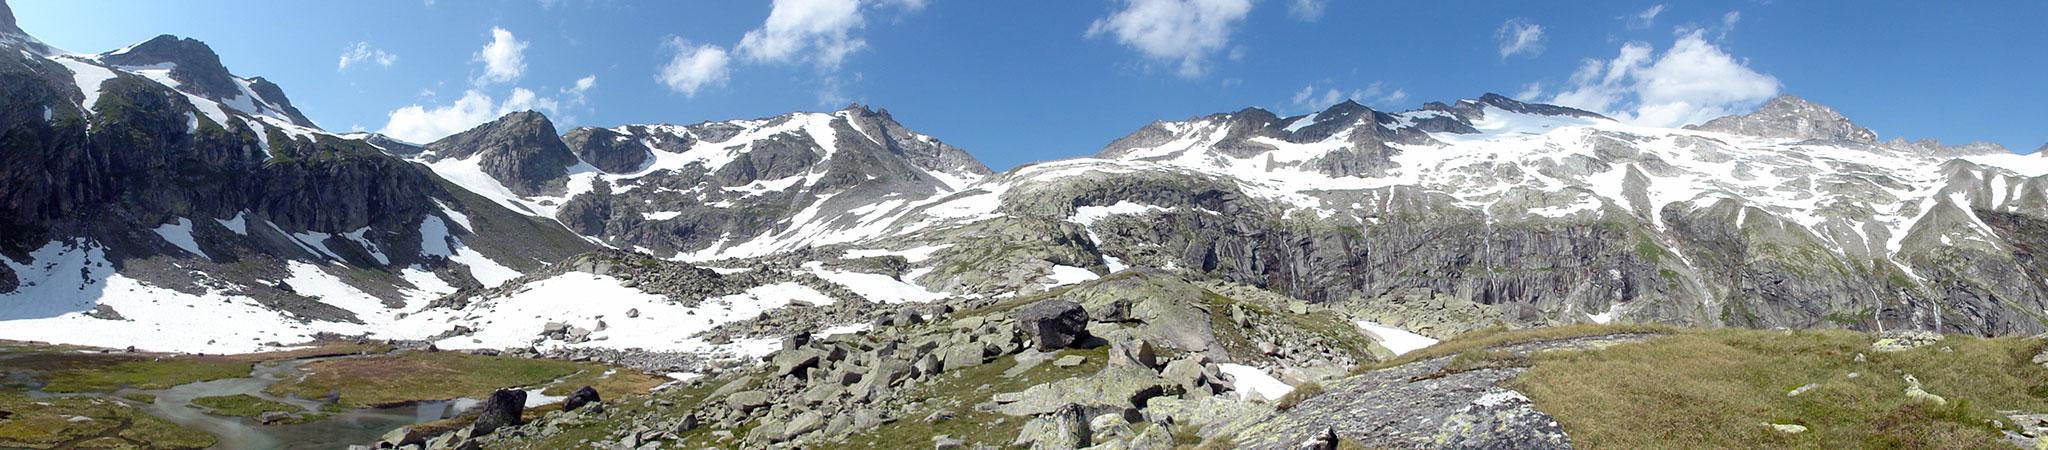 Arnoweg: Schändlasee links im Vordergrund & Granatscharte rechts zwischen Stubacher Sonnblick und Granatspitze